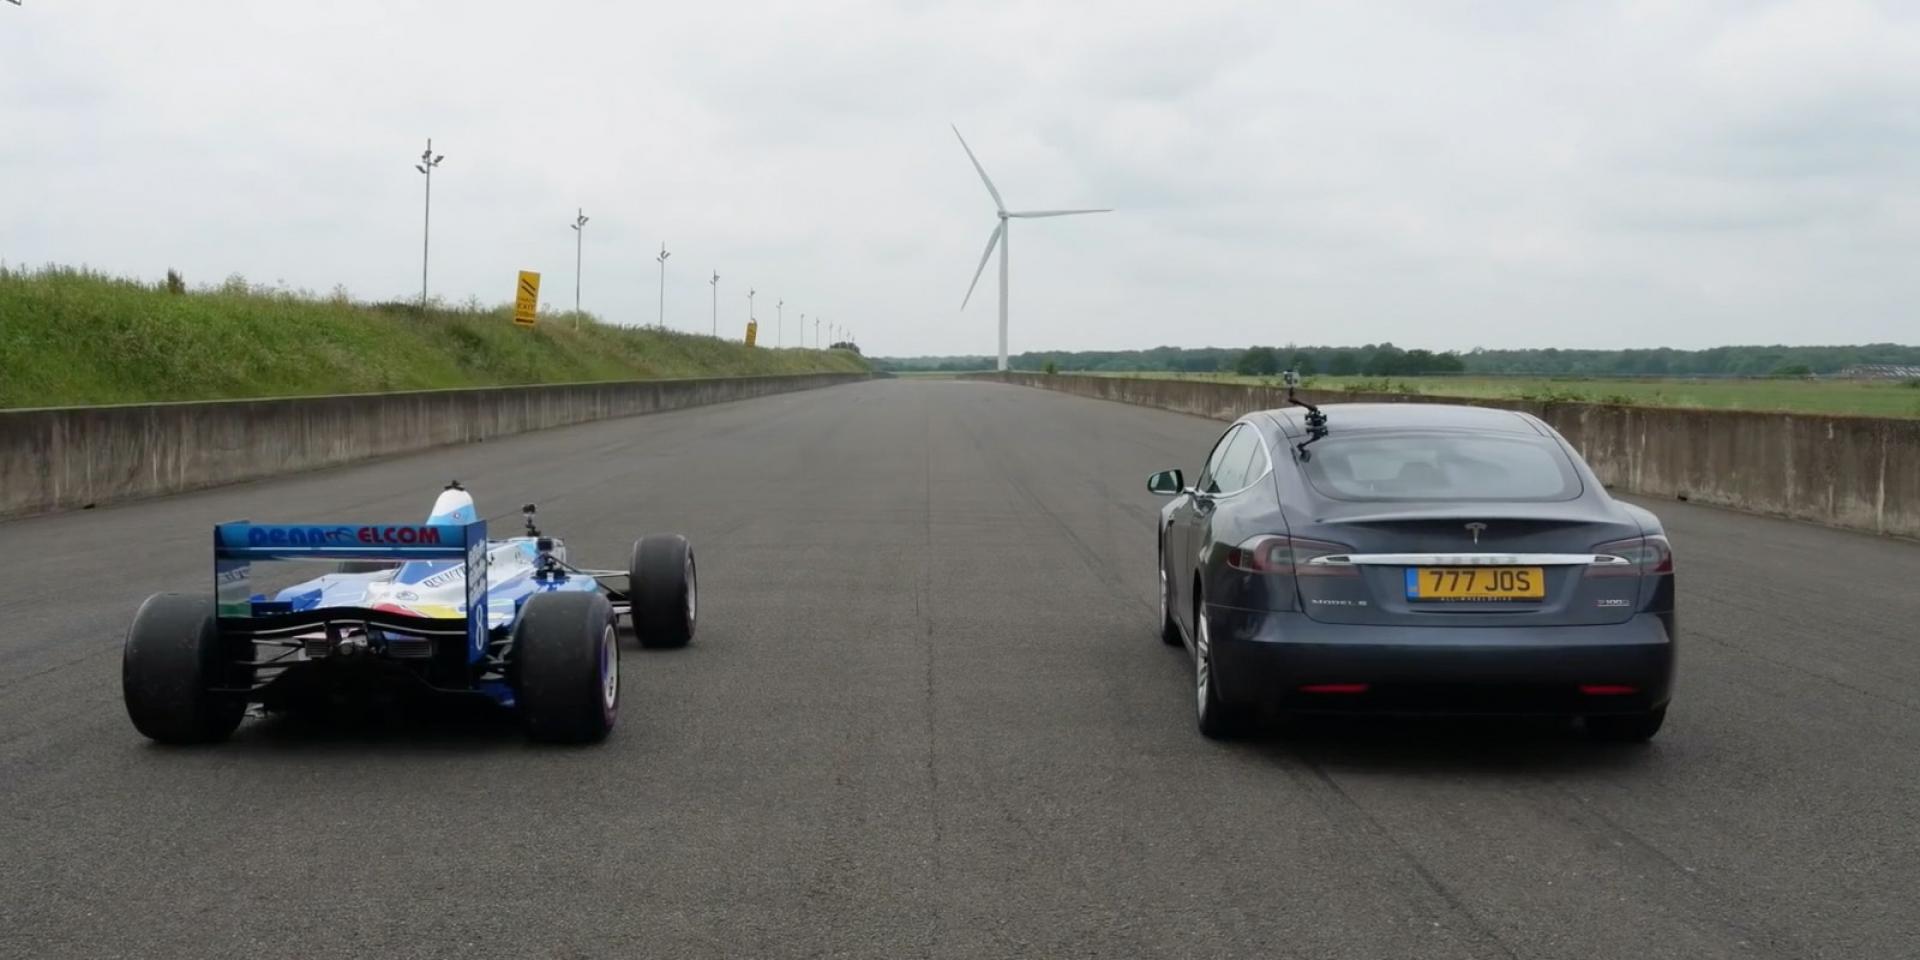 Tesla、F1哪個快?直線加速見真章